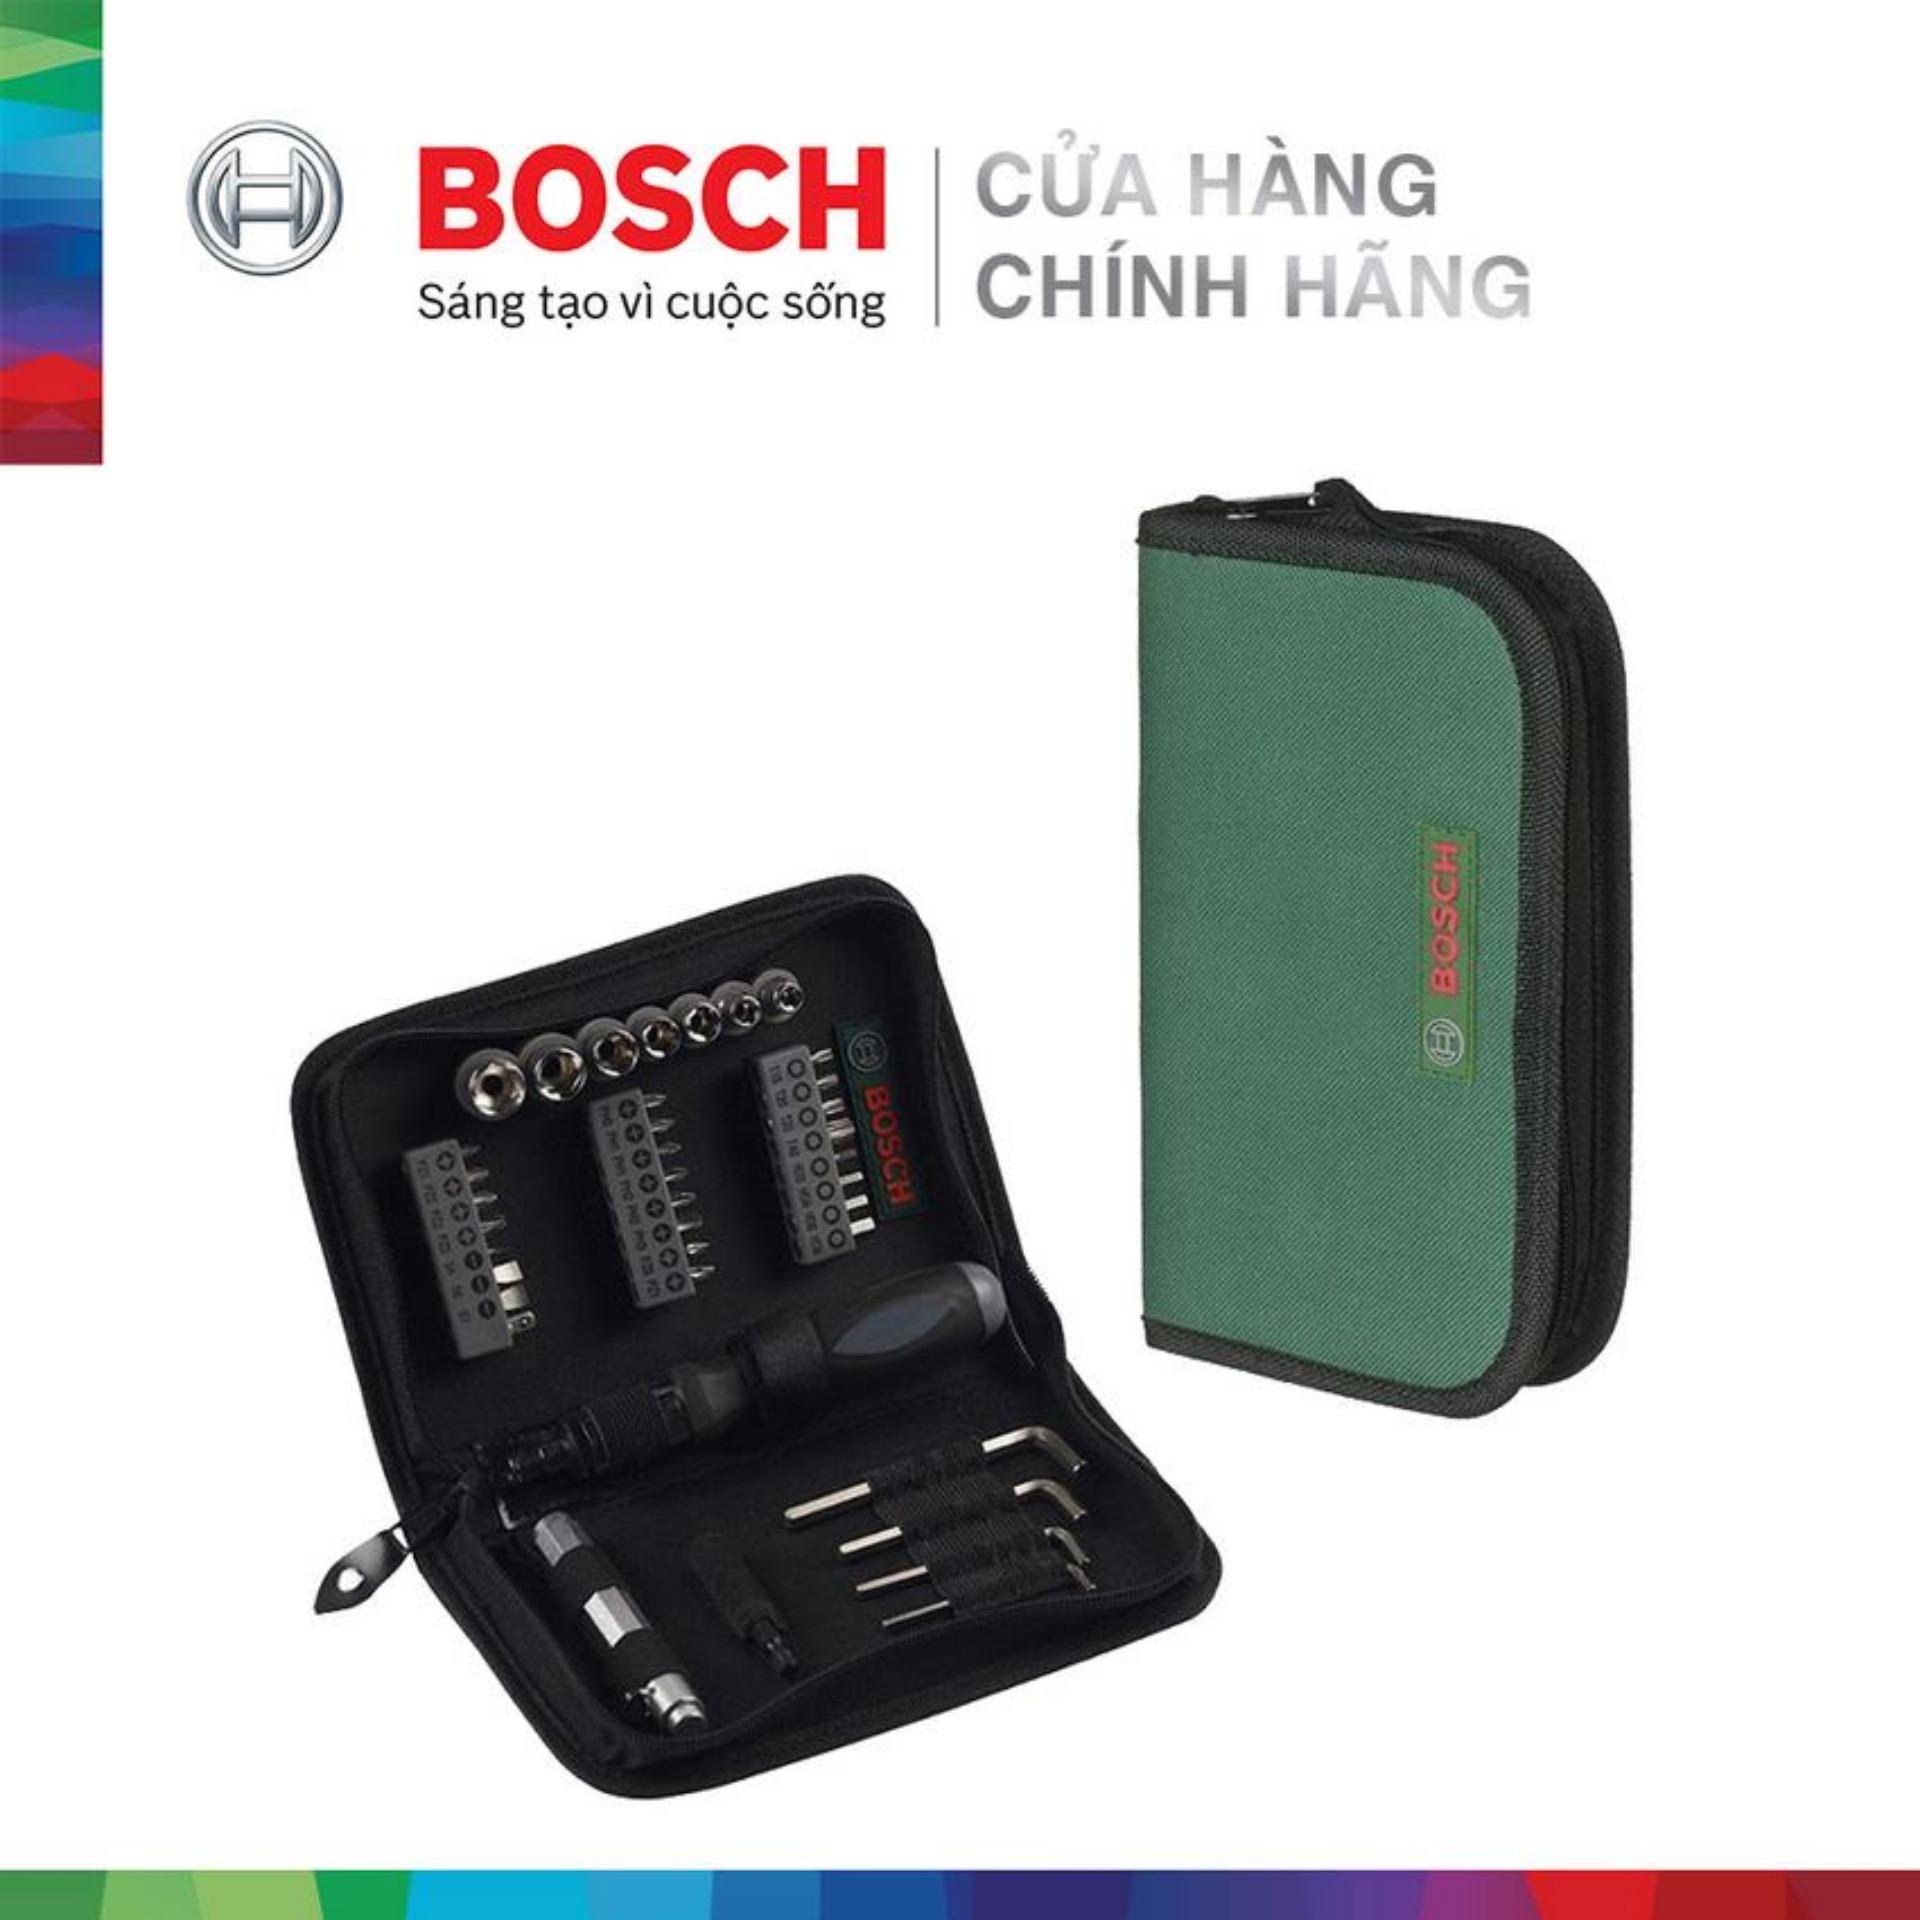 Bộ vặn vít đa năng Bosch 38 món 2607019506